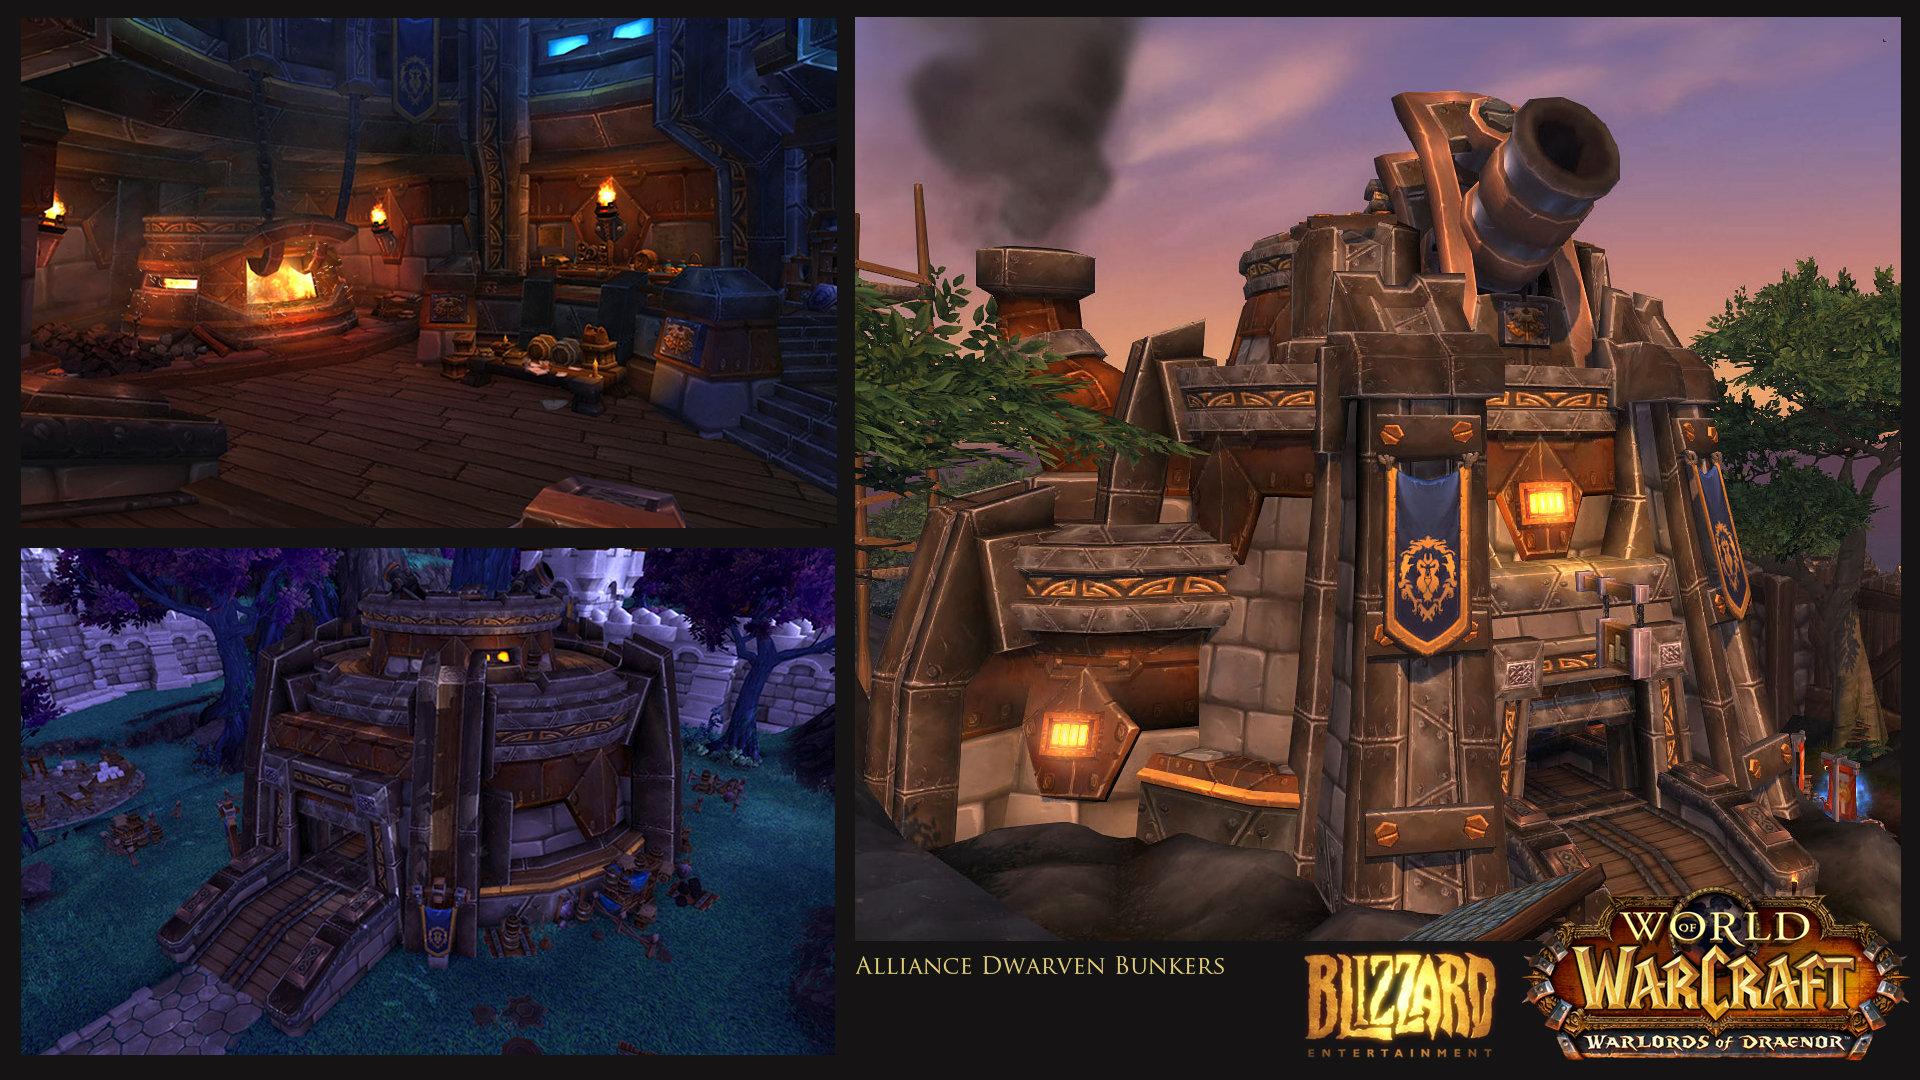 Shem dawson dwarven bunker webshot1